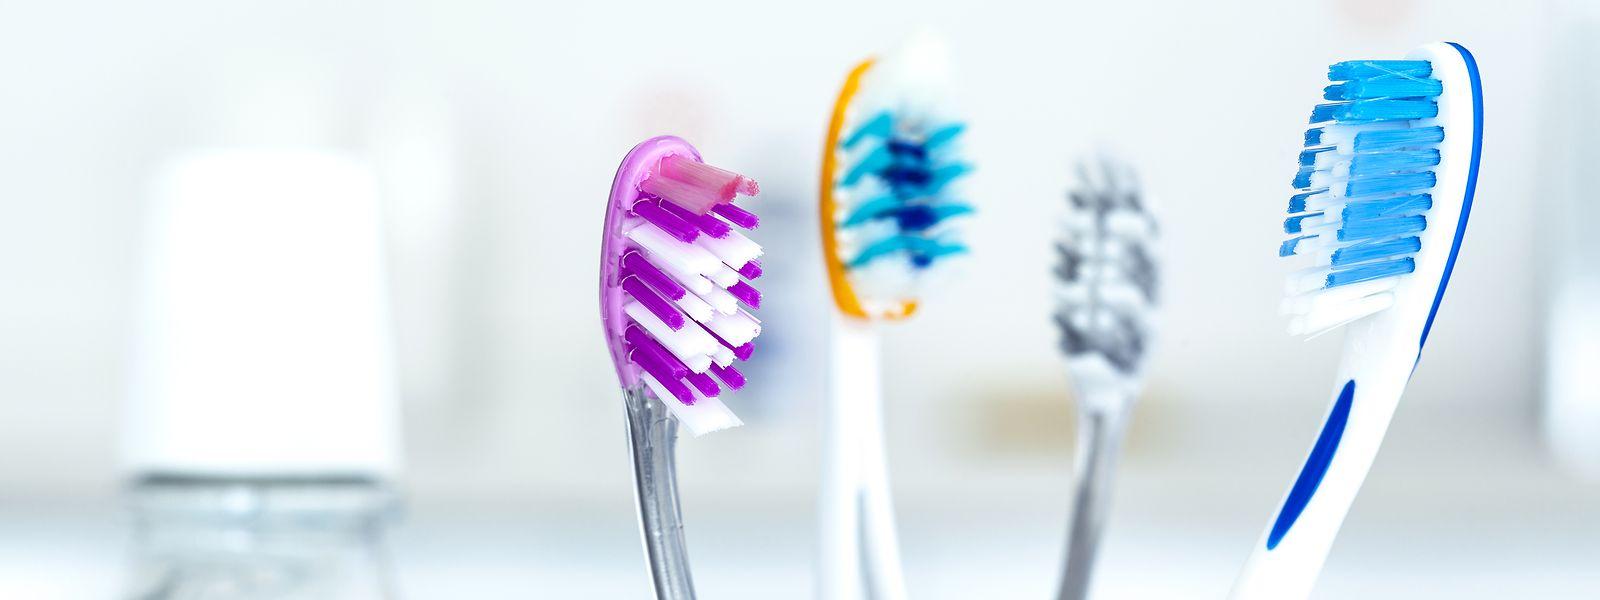 Zahnpflege ist doppelt wichtig: Das Parodontitis auslösende Bakterium findet sich im Hirngewebe von Alzheimer-Patienten.